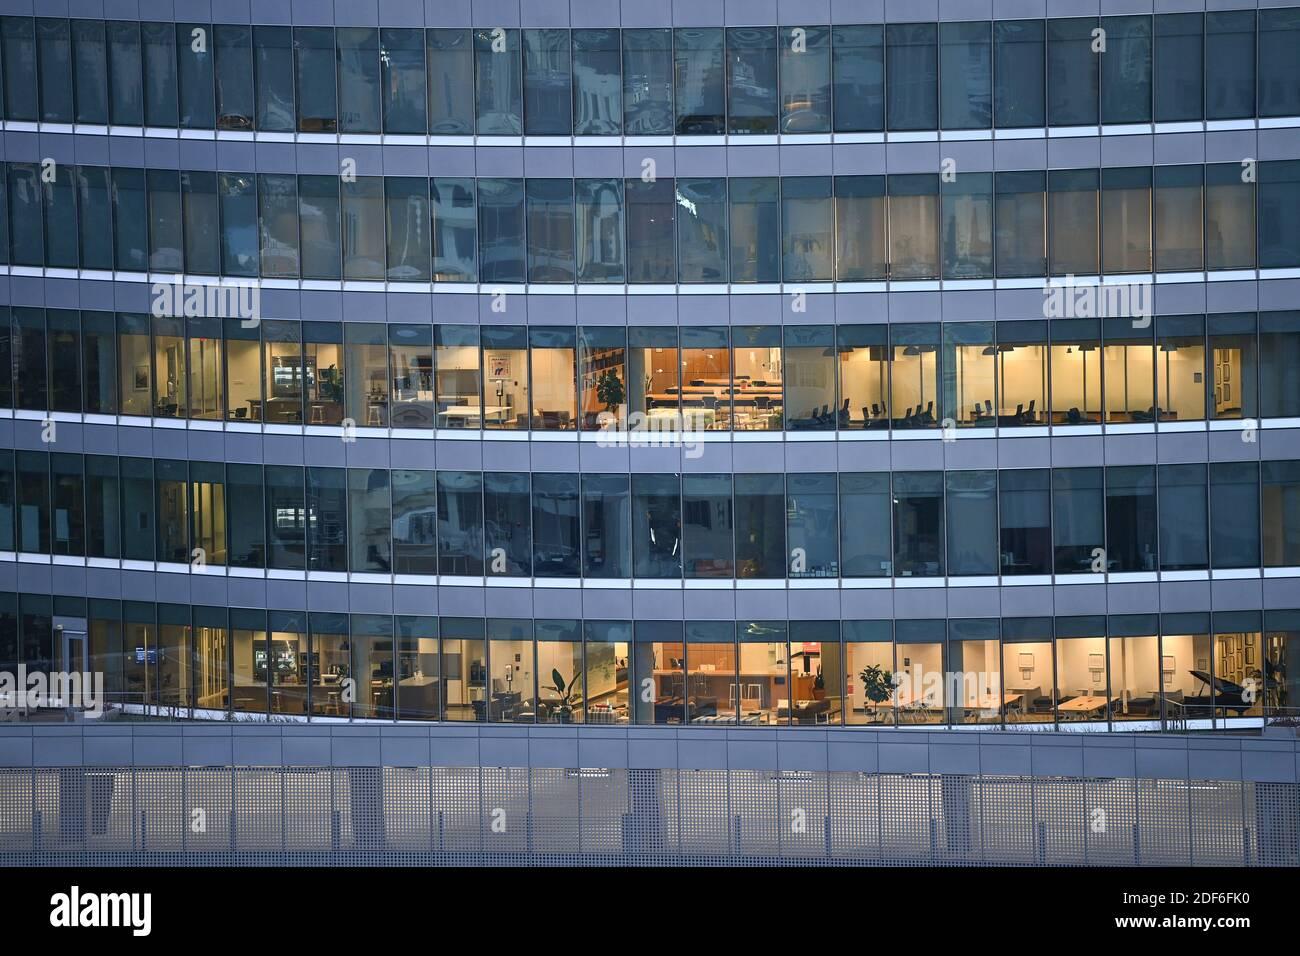 Agosto 15, 2020 Austin, Texas: Vistas del Centro SXSW durante un amanecer temprano en la mañana, mirando al norte desde el edificio Westgate en el centro de Austin. © Bob Daemmrich Foto de stock